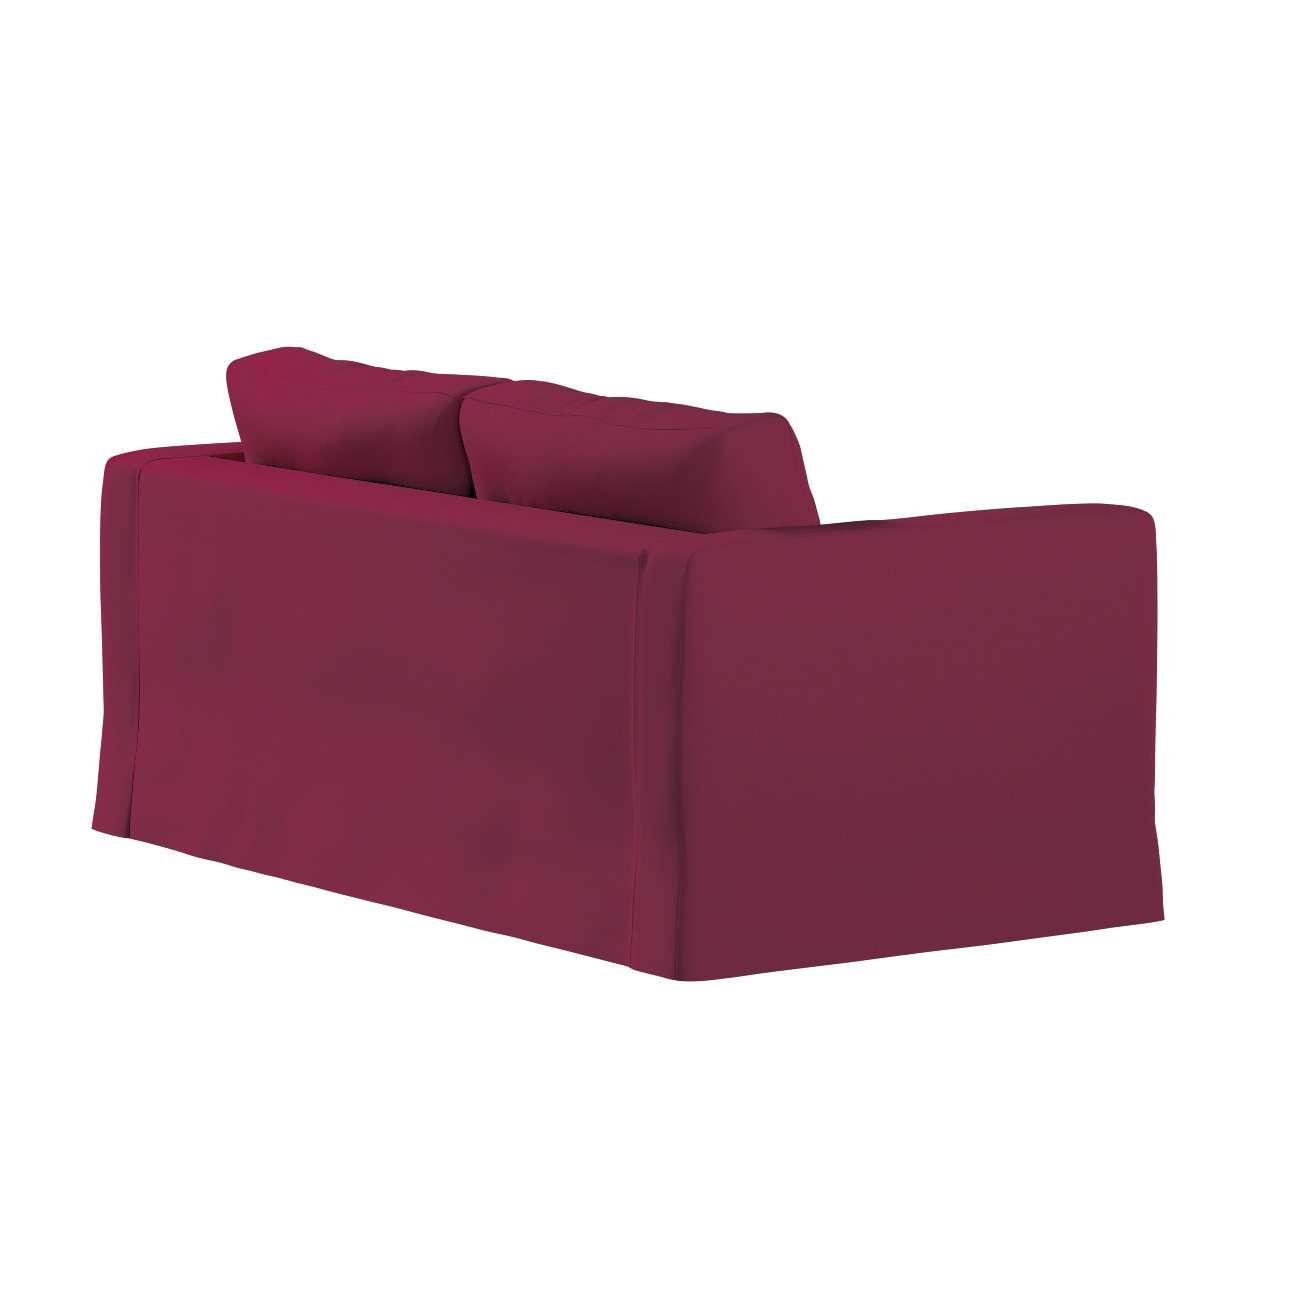 Pokrowiec na sofę Karlstad 2-osobową nierozkładaną długi w kolekcji Cotton Panama, tkanina: 702-32